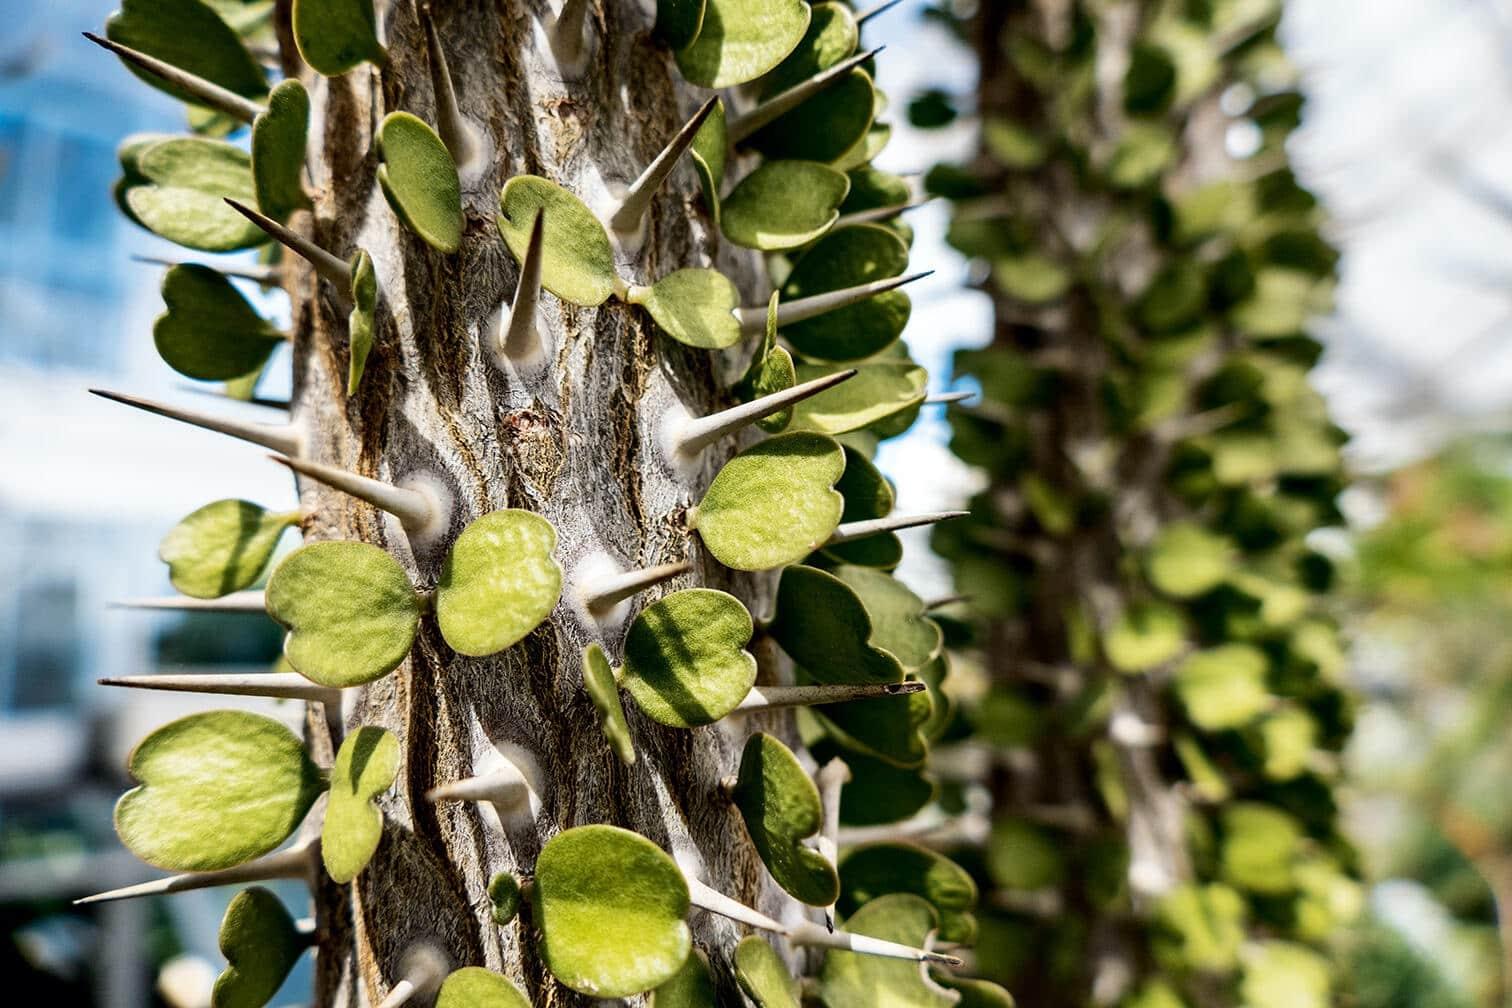 Fotografía de planta tomada con una cámara bridge Leica V-Lux 5